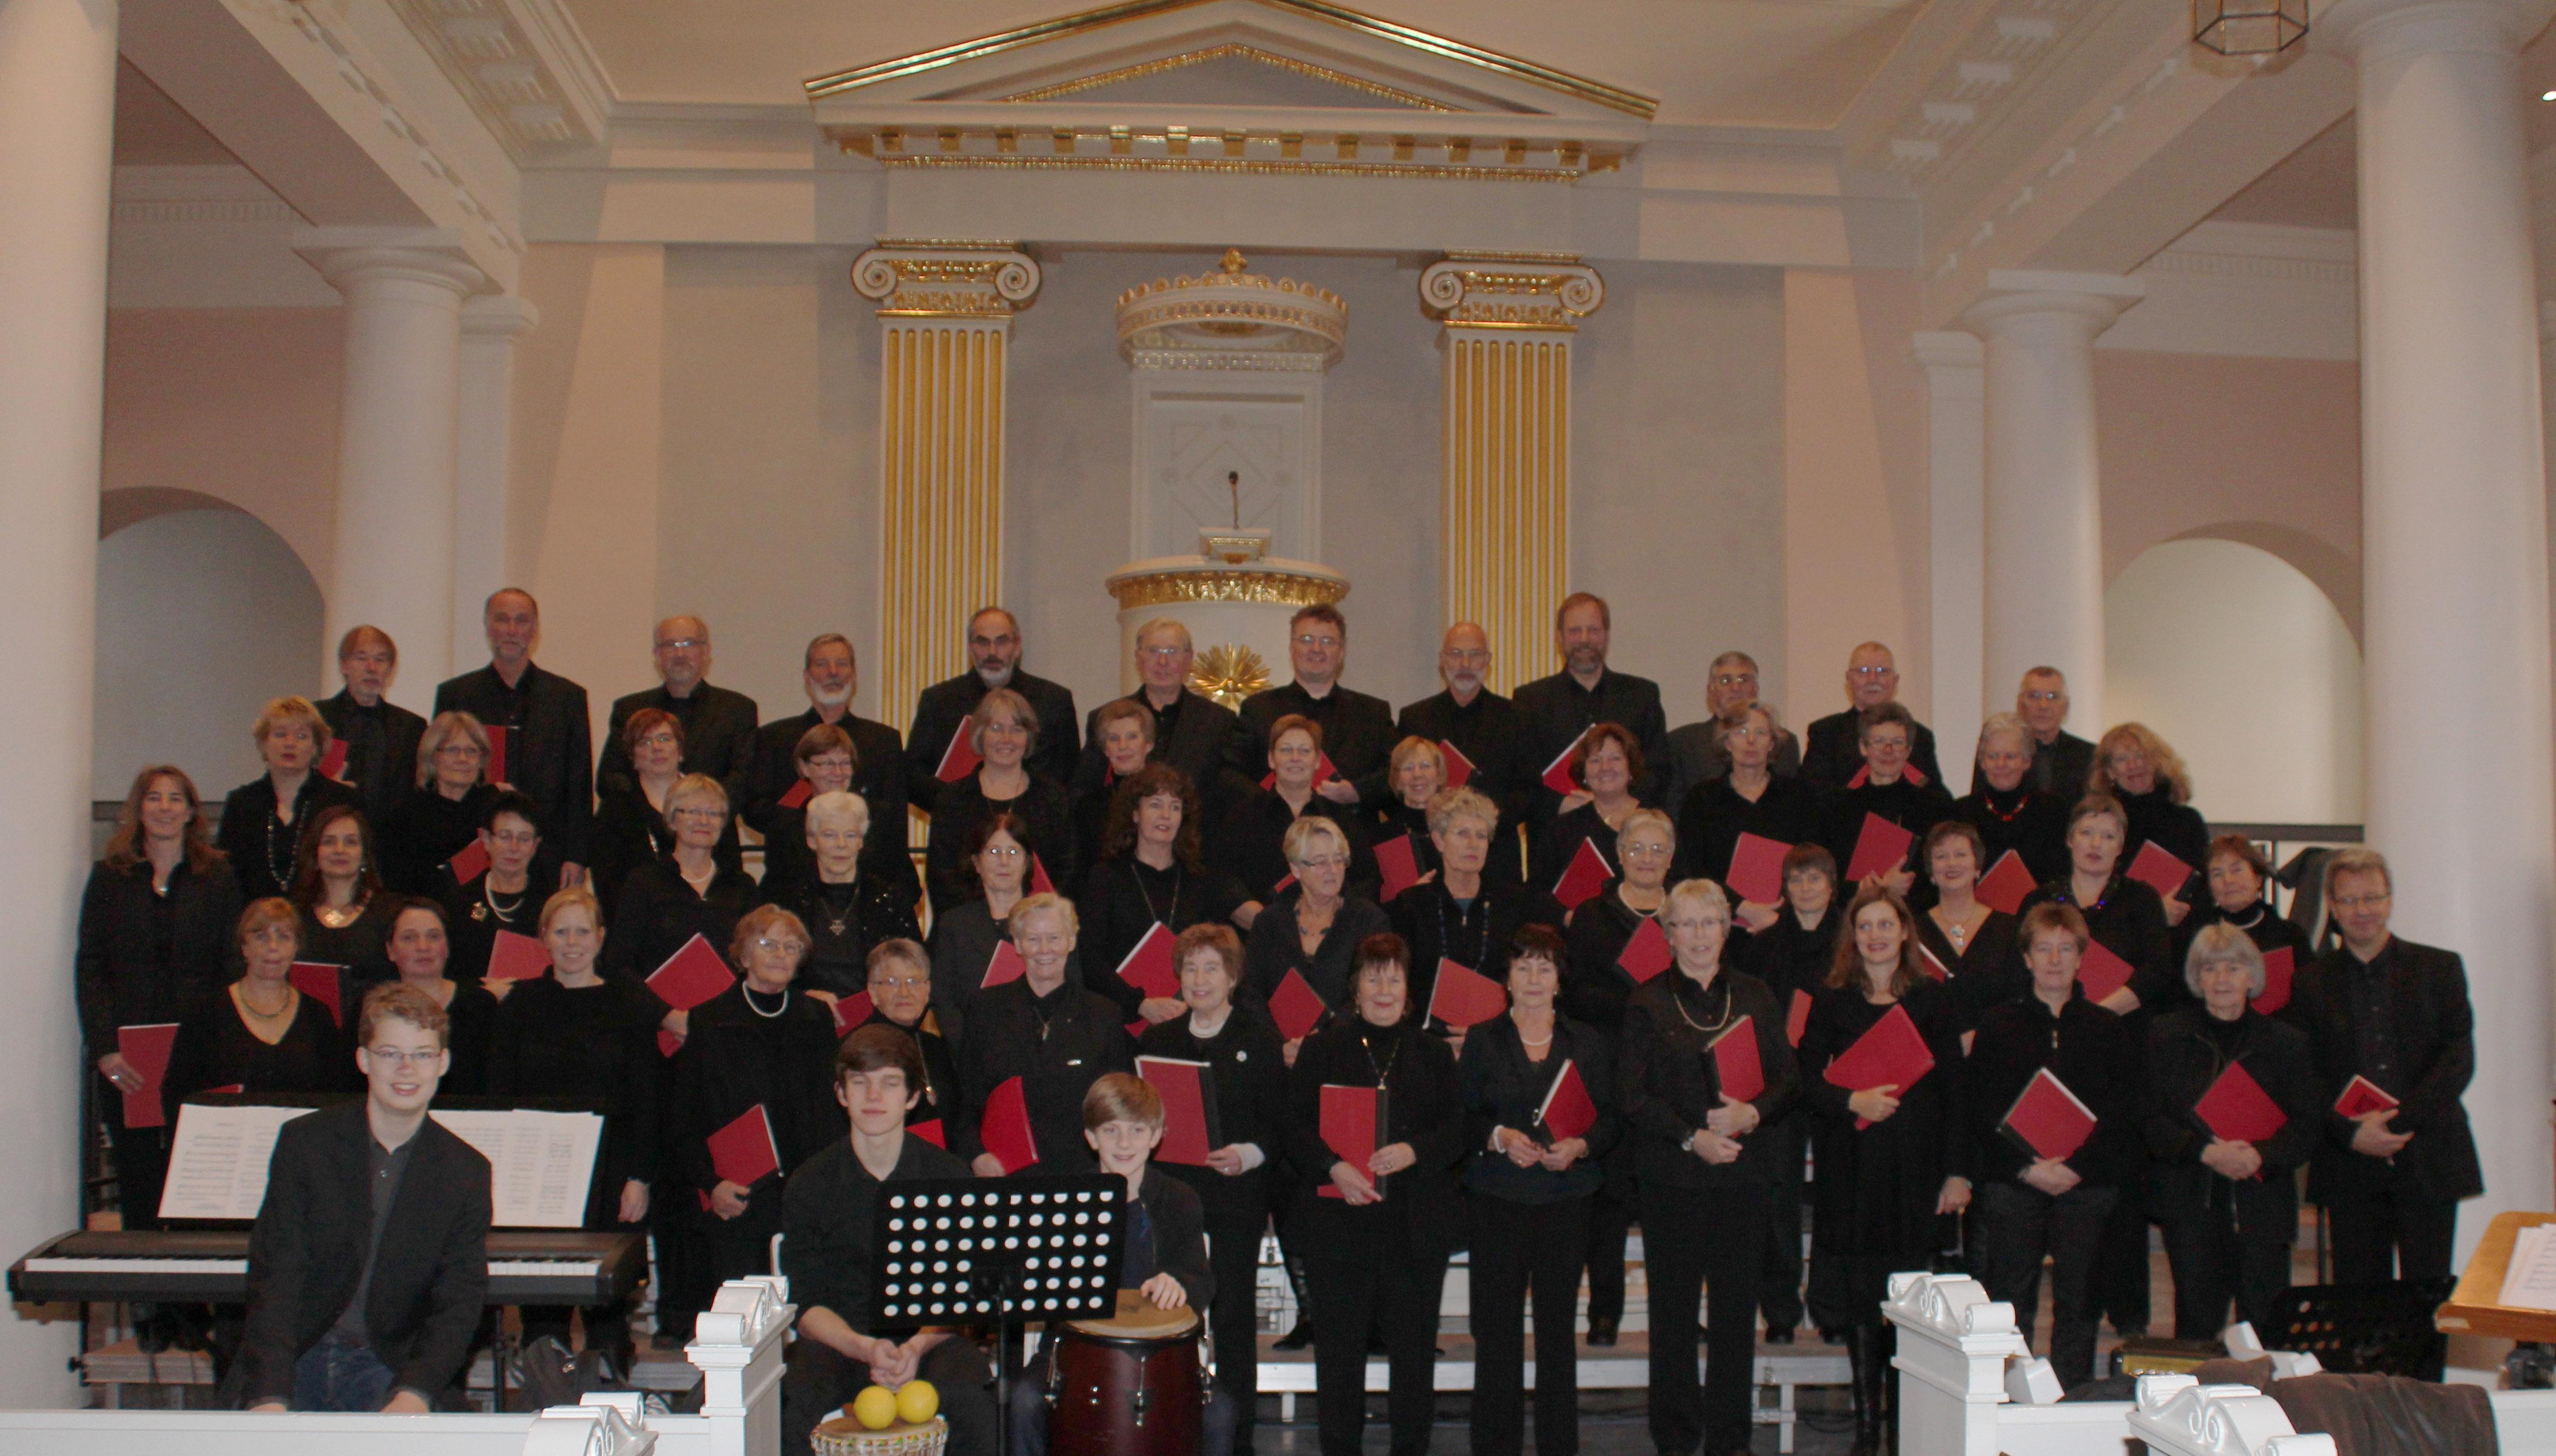 Gemischter Chor Advent 2011, St. Marien Husum